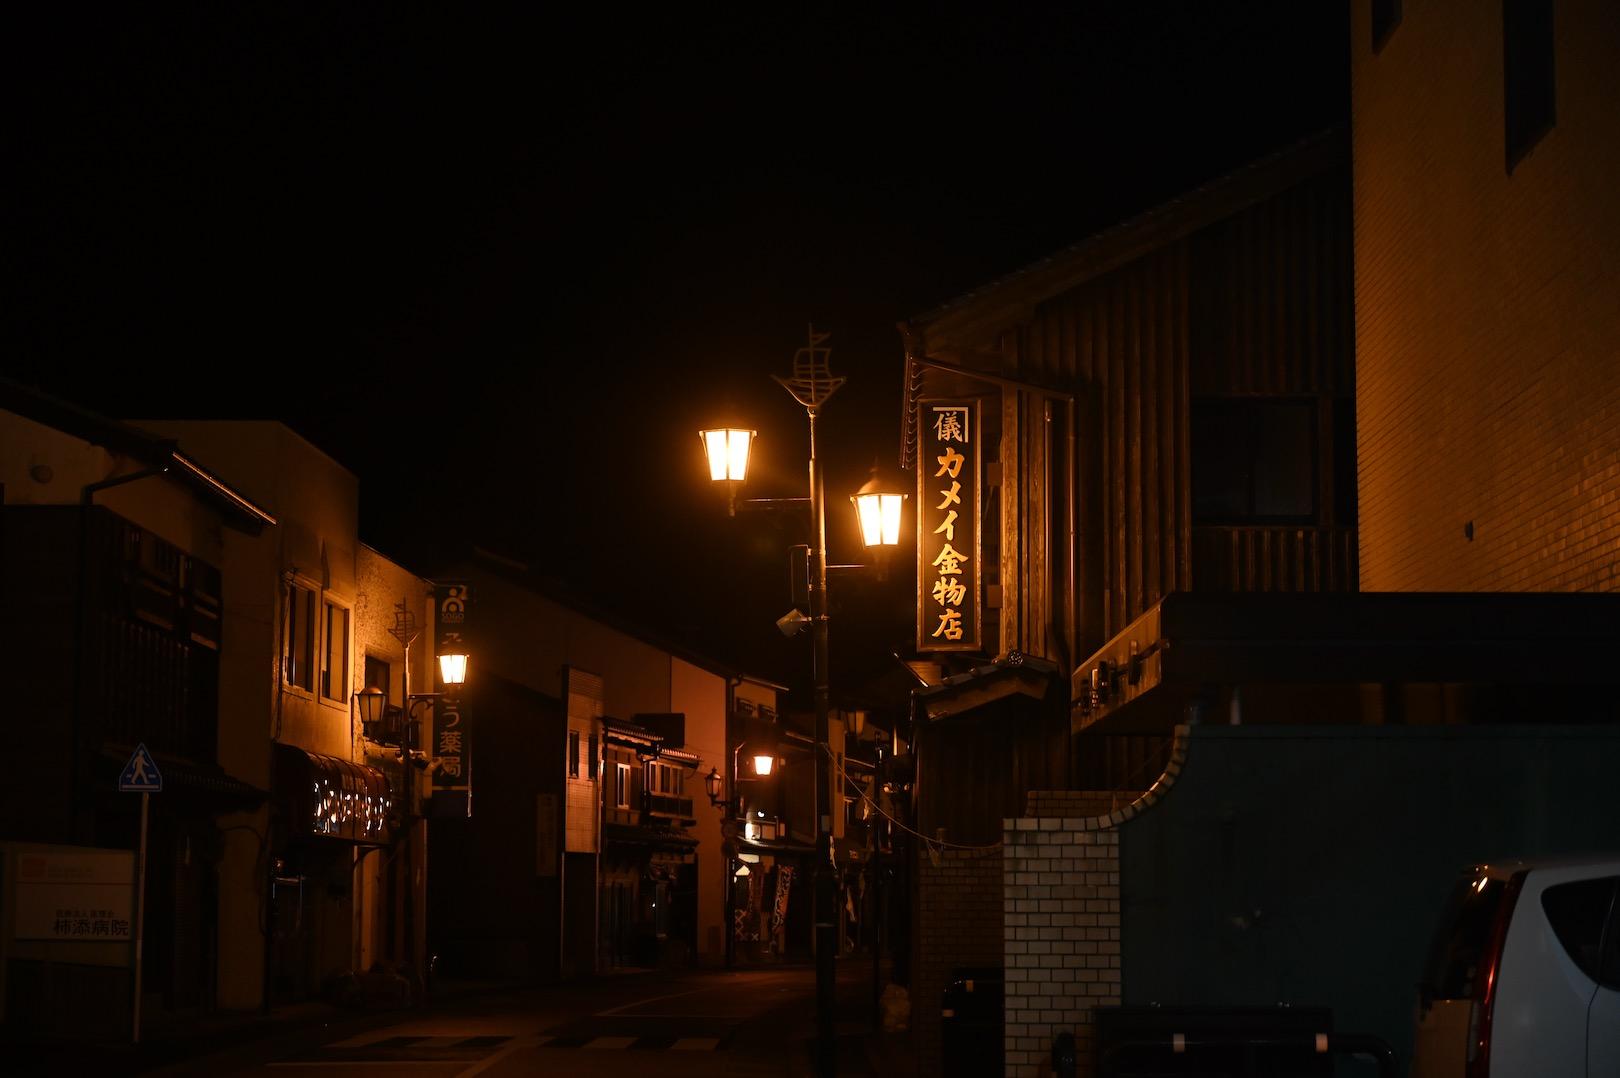 平戸の街並み